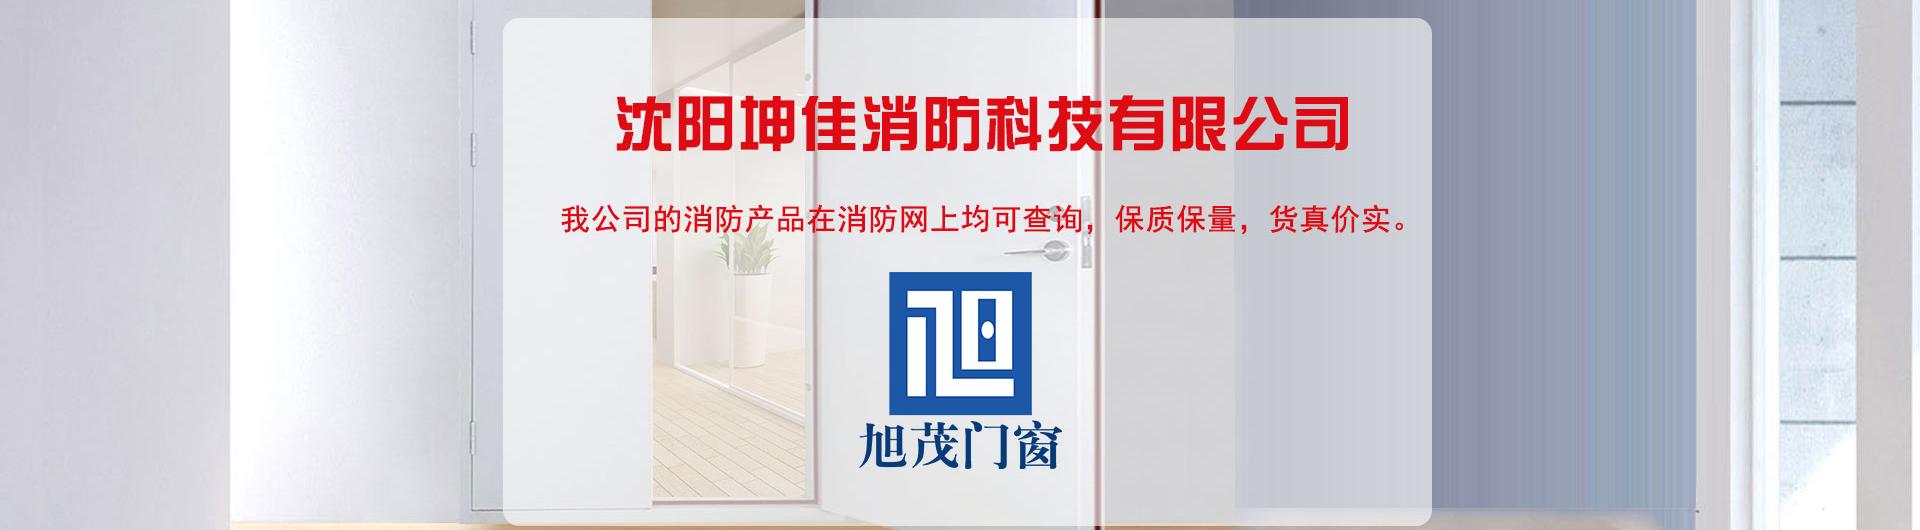 沈阳坤佳消防科技有限公司